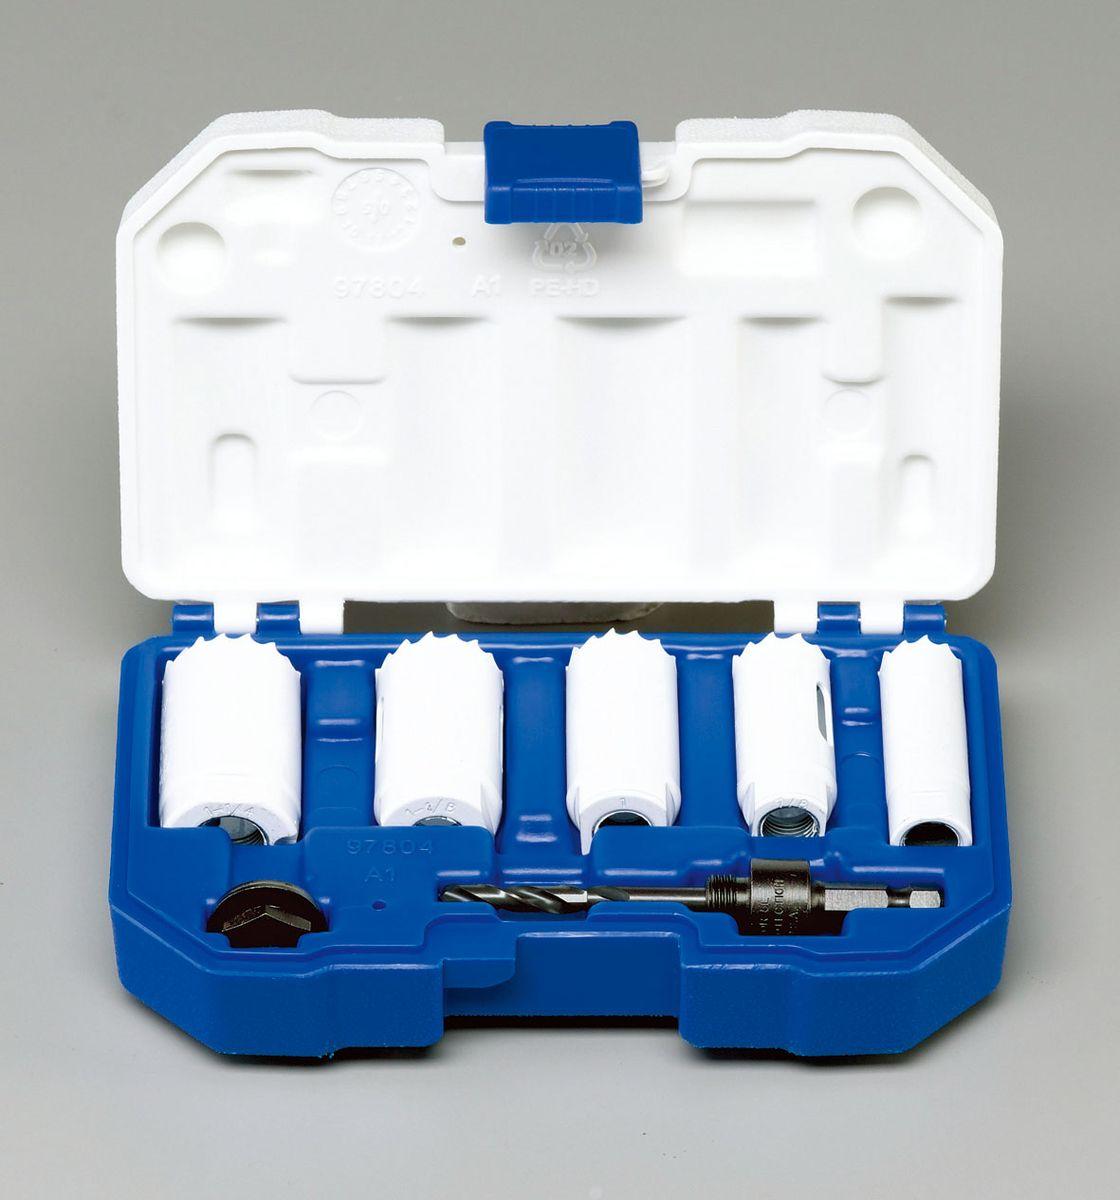 【メーカー在庫あり】 エスコ ESCO 自動車修理 ホールソーセット LENOX 000012007236 JP店